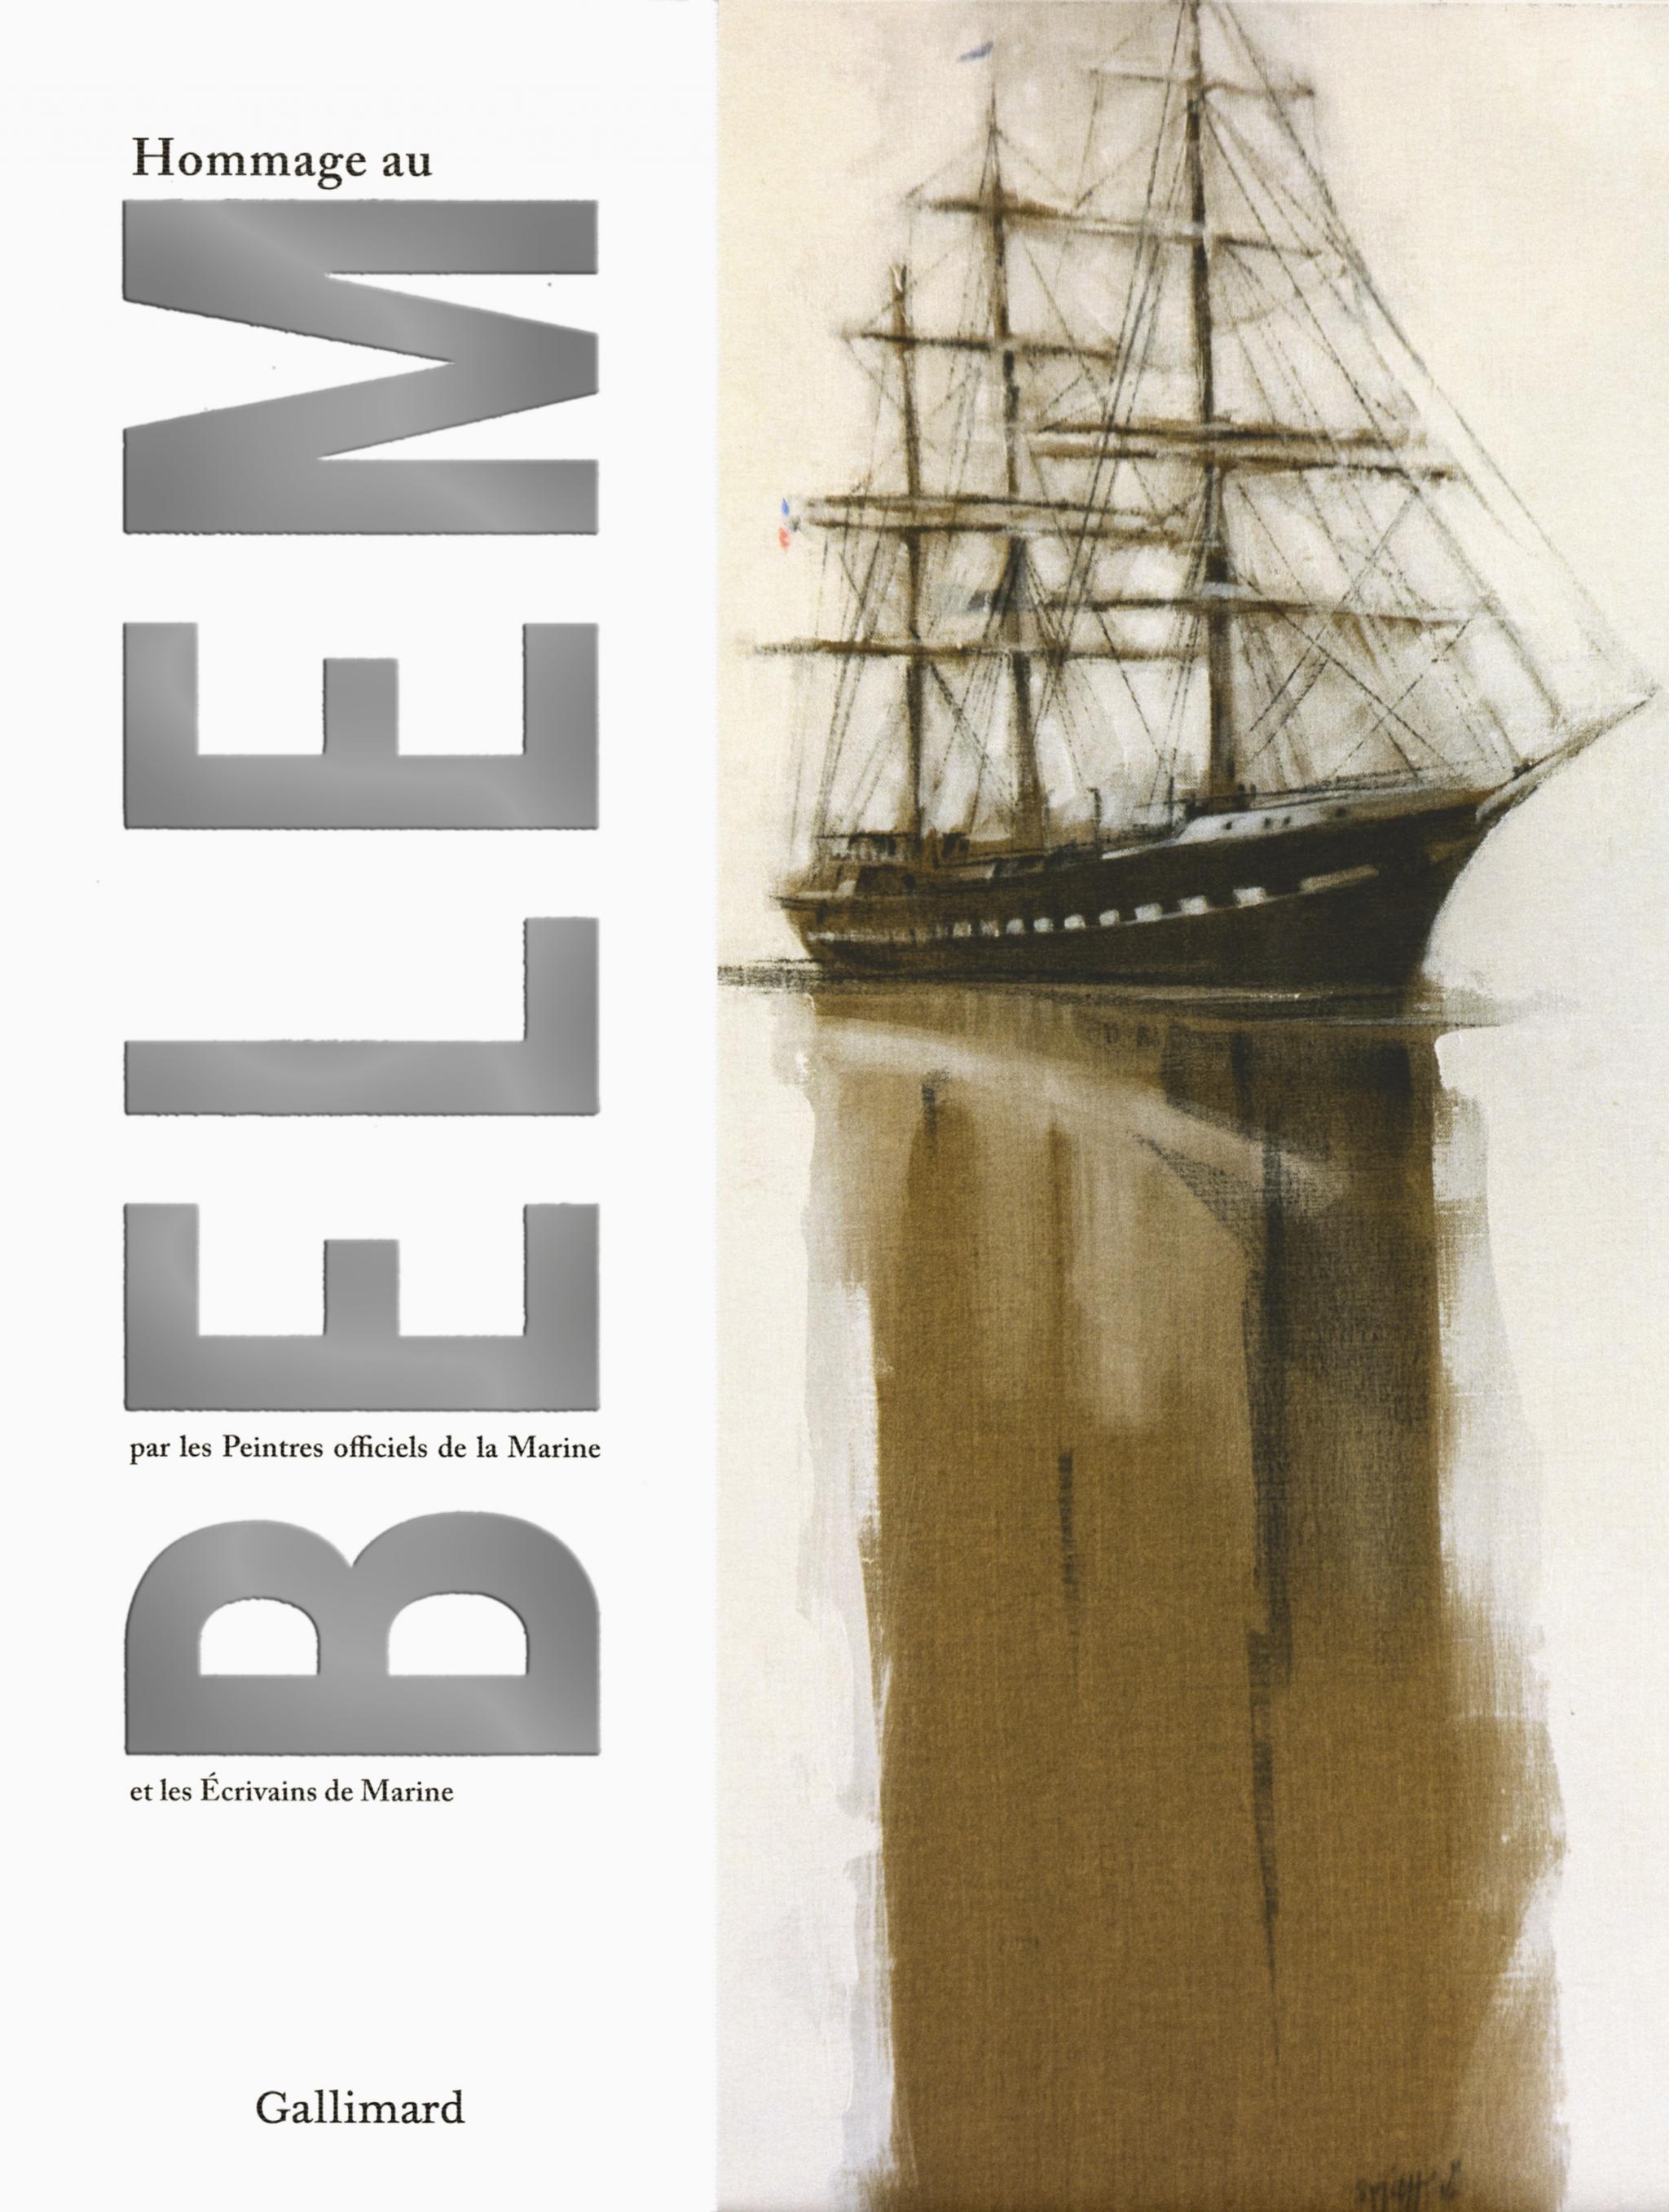 Belem, hommage, 120 ans, beau livre, gallimard, peintres de marine, écrivains de marine, mer, marine, littérature, arts